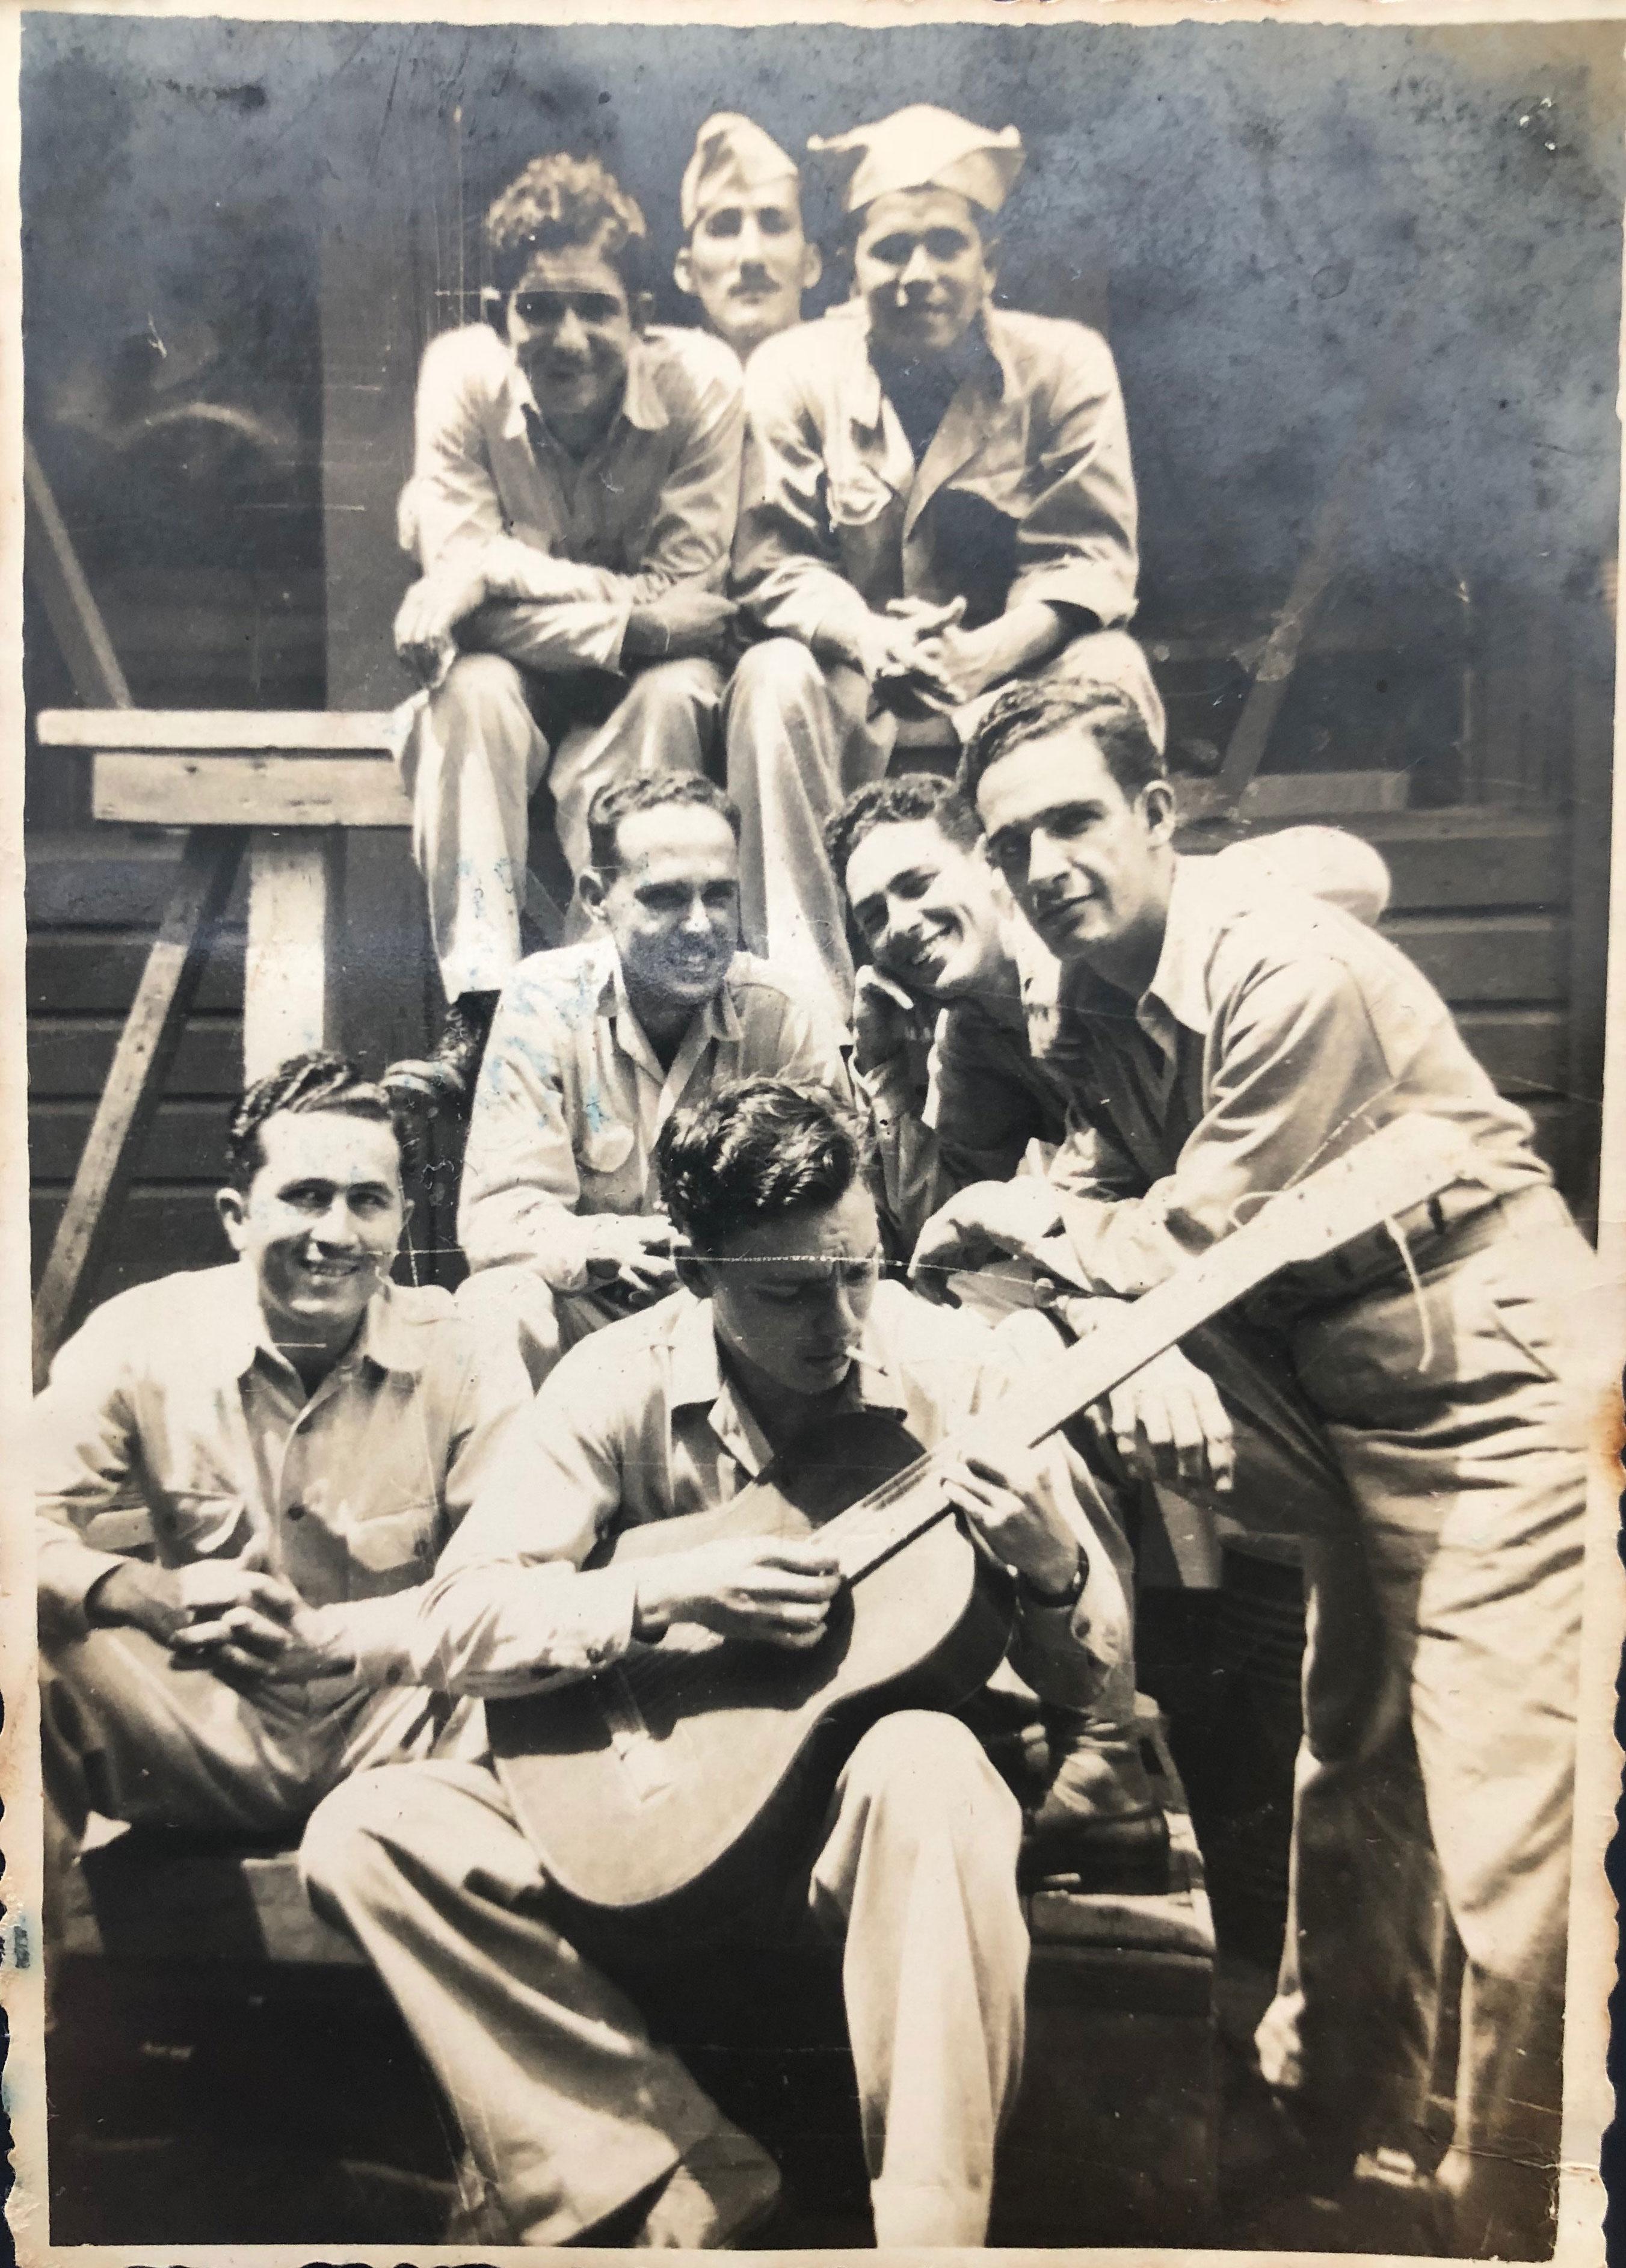 Eloy Estrada, abajo con la guitarra, junto a compañeros puertorriqueños en la Segunda Guerra Mundial. Foto: Cortesía Familia Estrada.